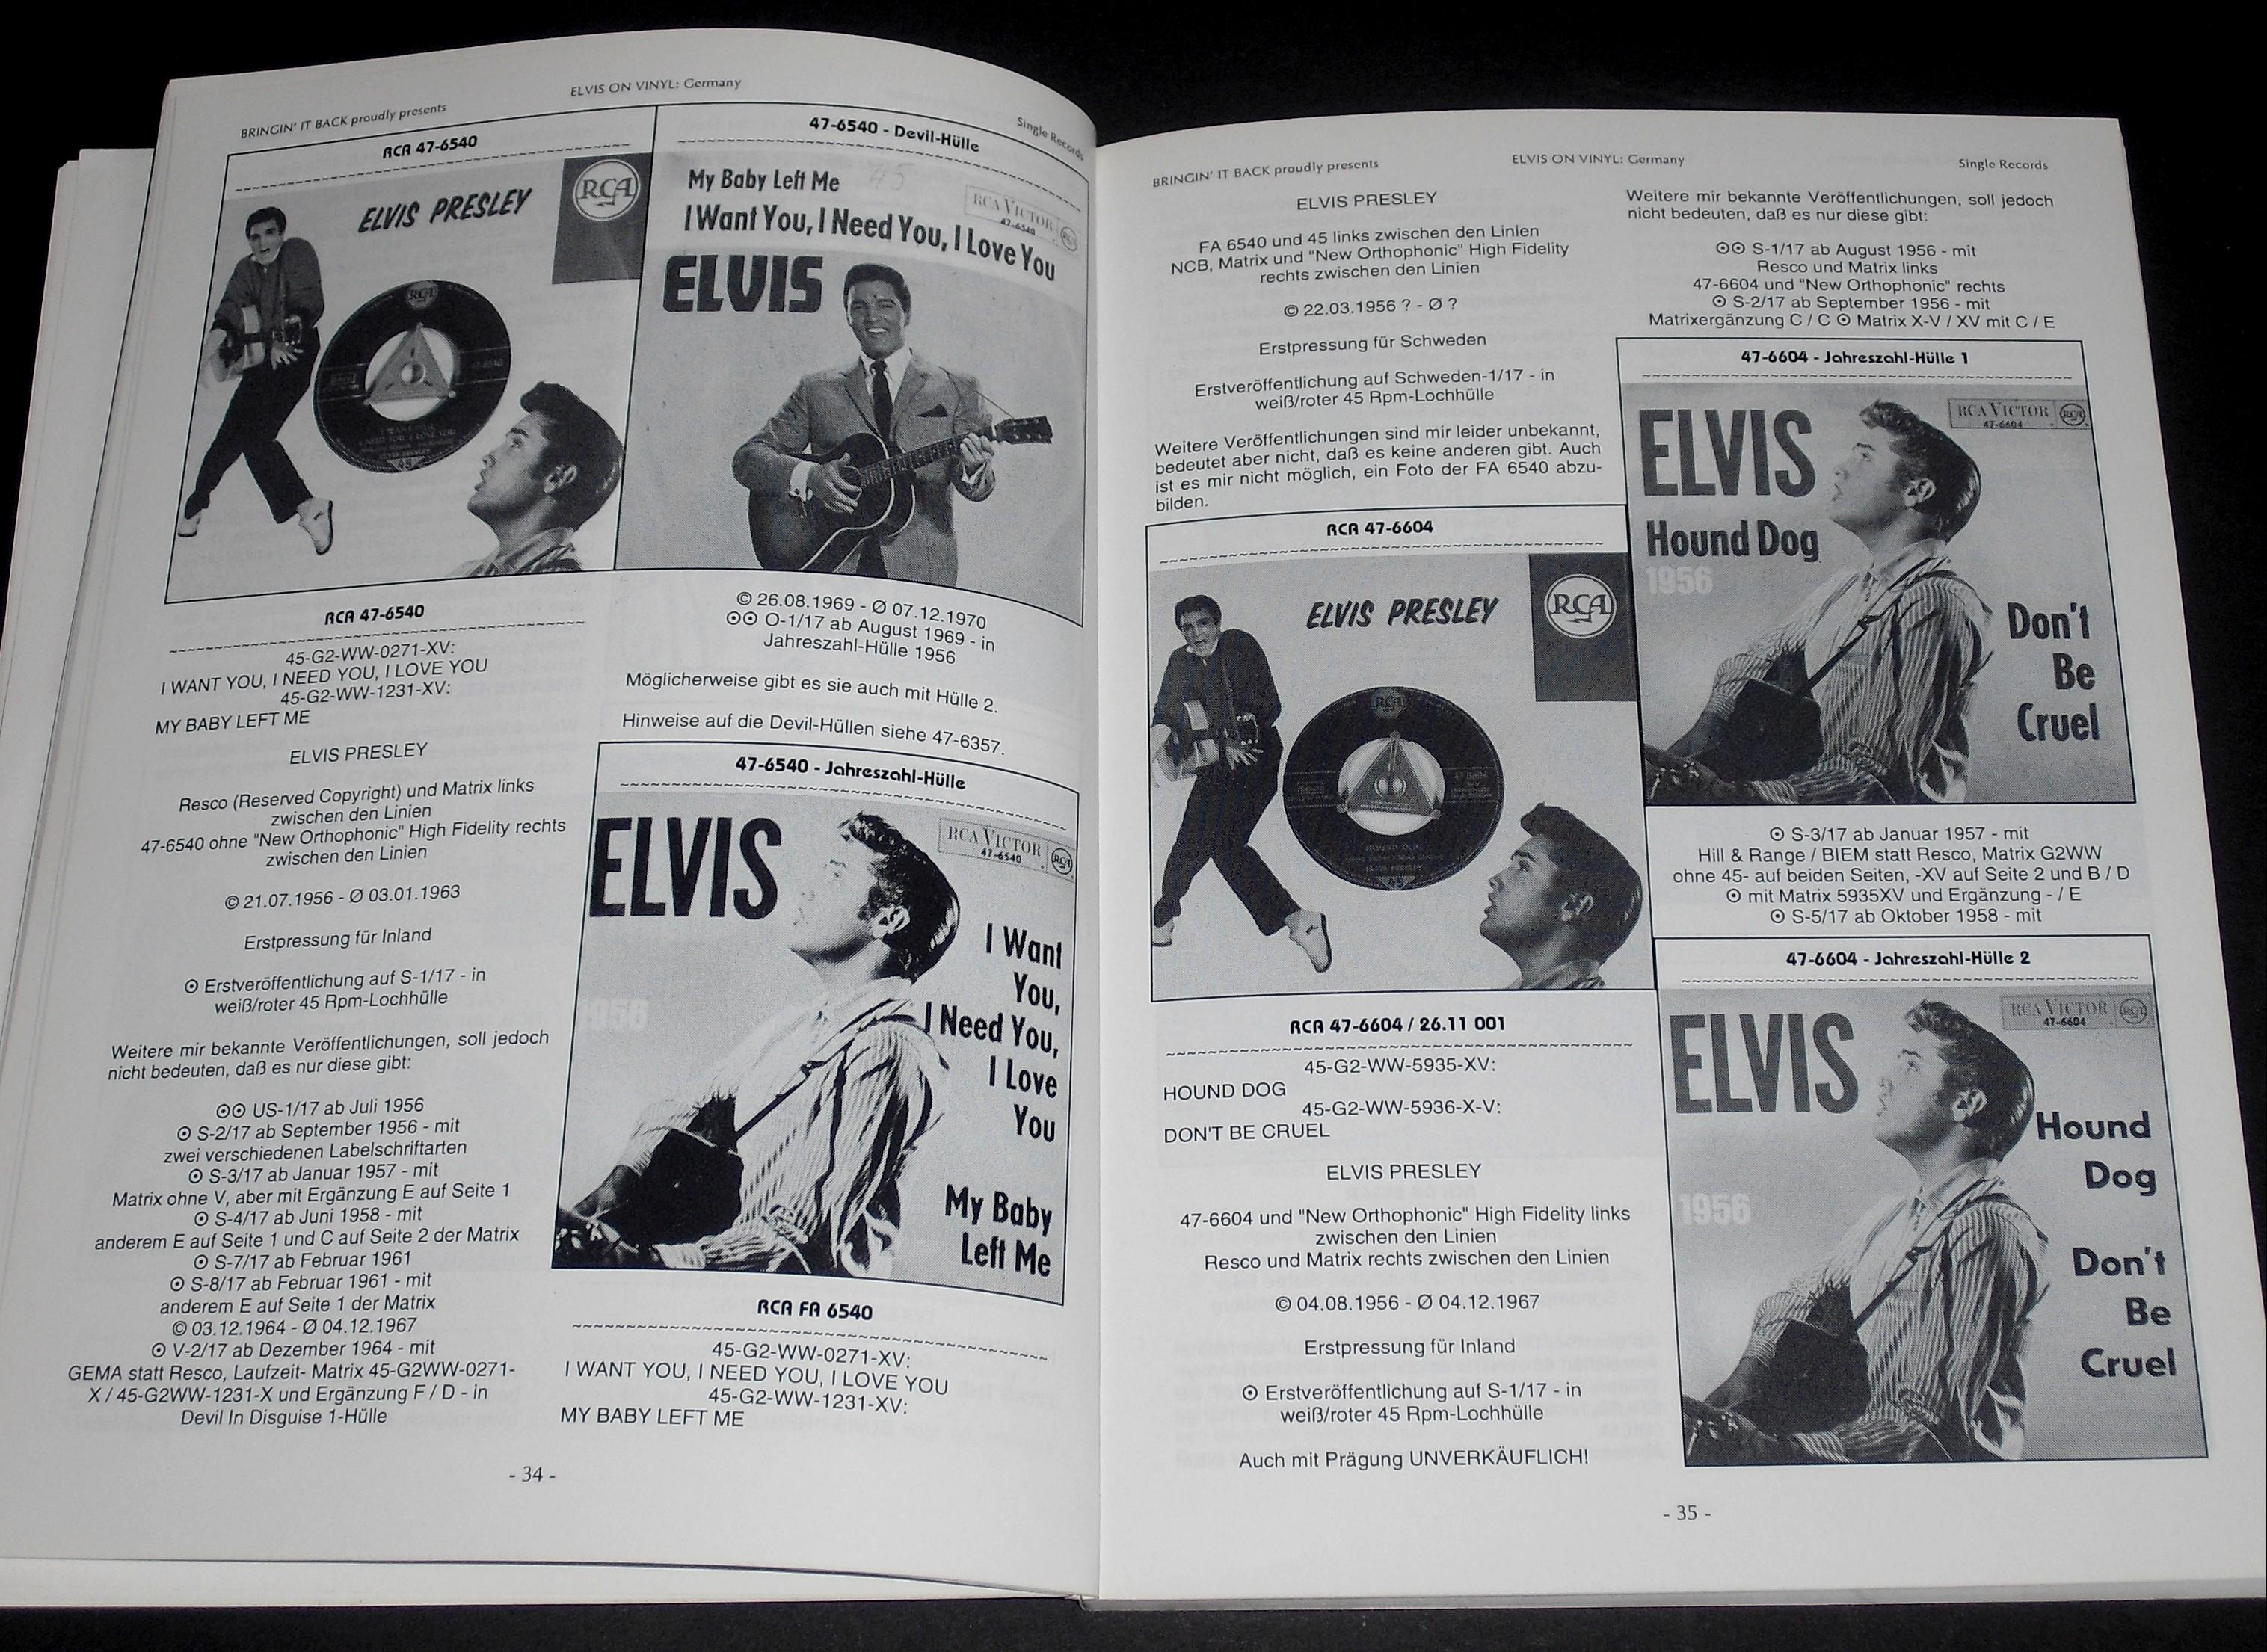 ELVIS ON VINYL Teil 1 34_350wjdx